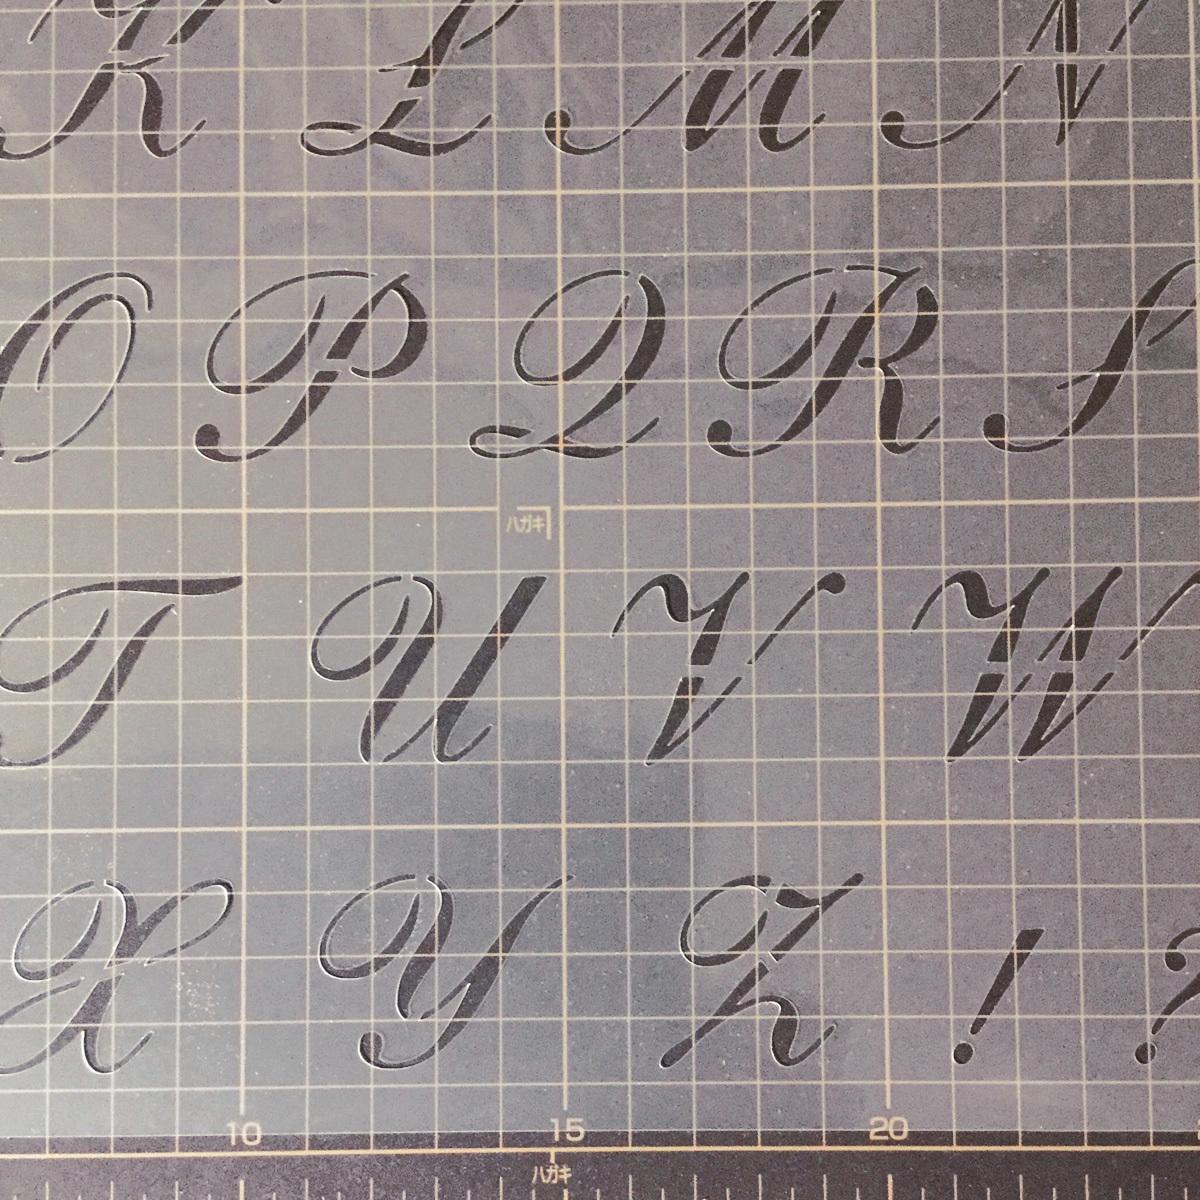 スクリプト欧文書体①番 アルファベット 大文字 サイズ縦3センチ基準 sb1 ステンシルシート NO121_画像8